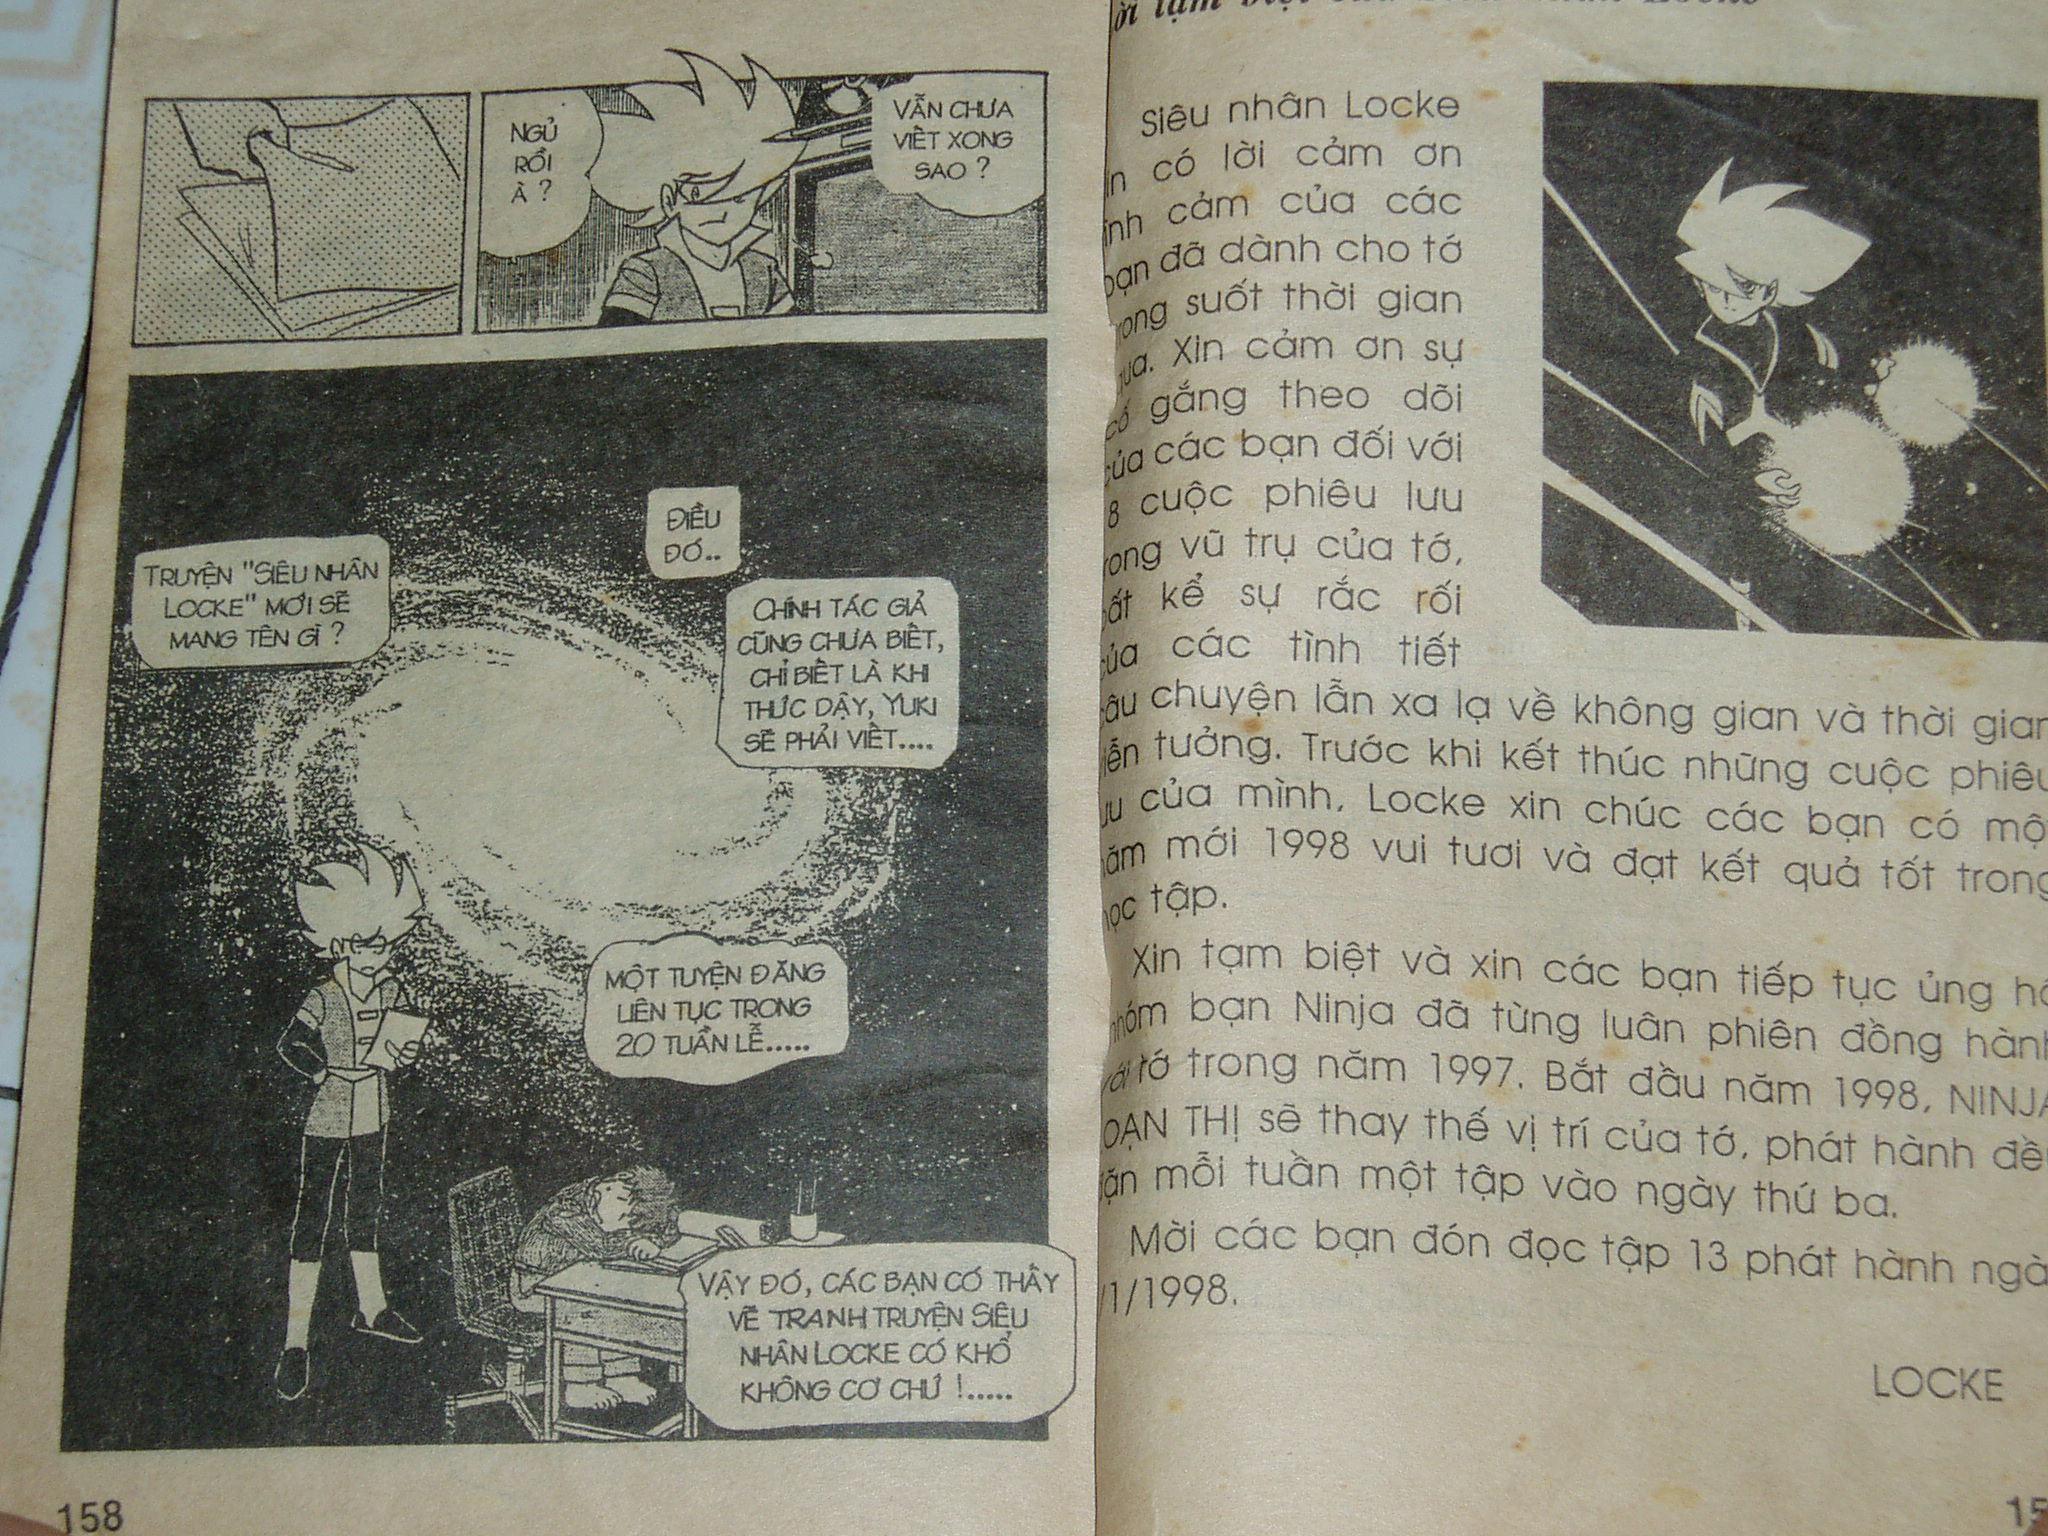 Siêu nhân Locke vol 18 trang 78